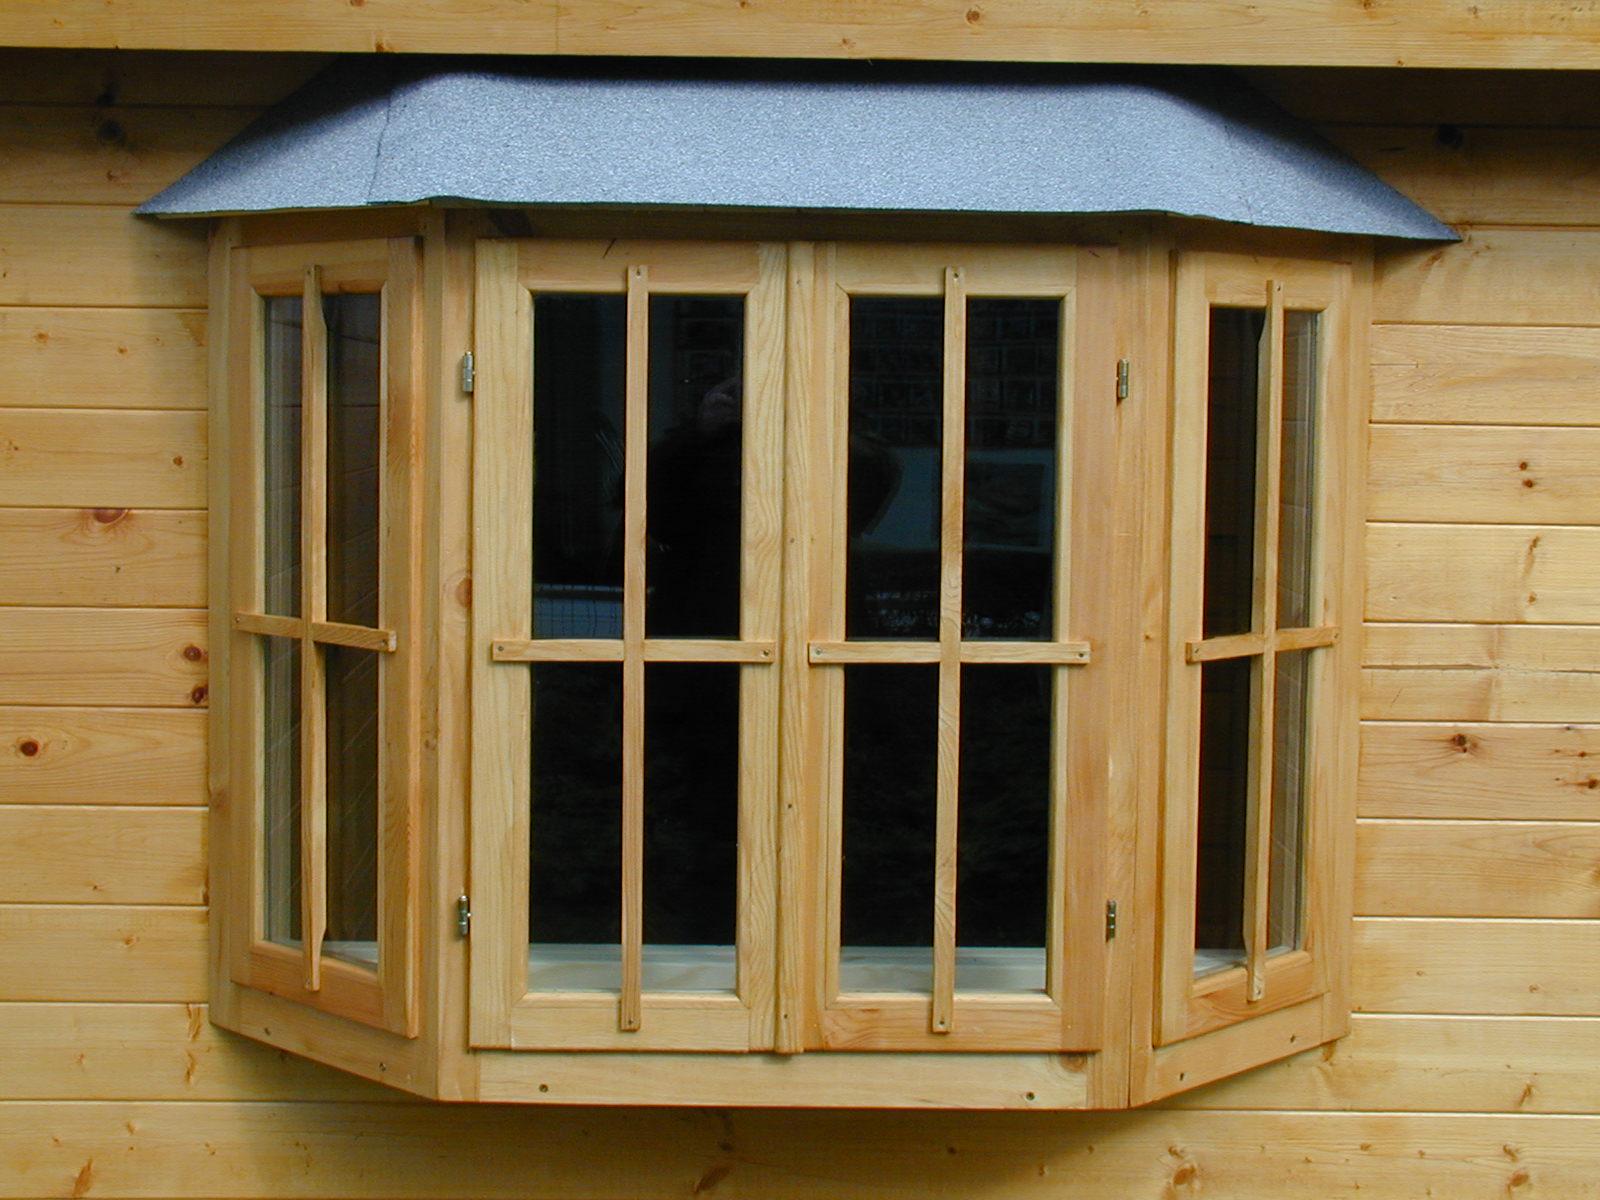 Bricolage trabajos en madera puertas principales tambi n for Ventanas modelos